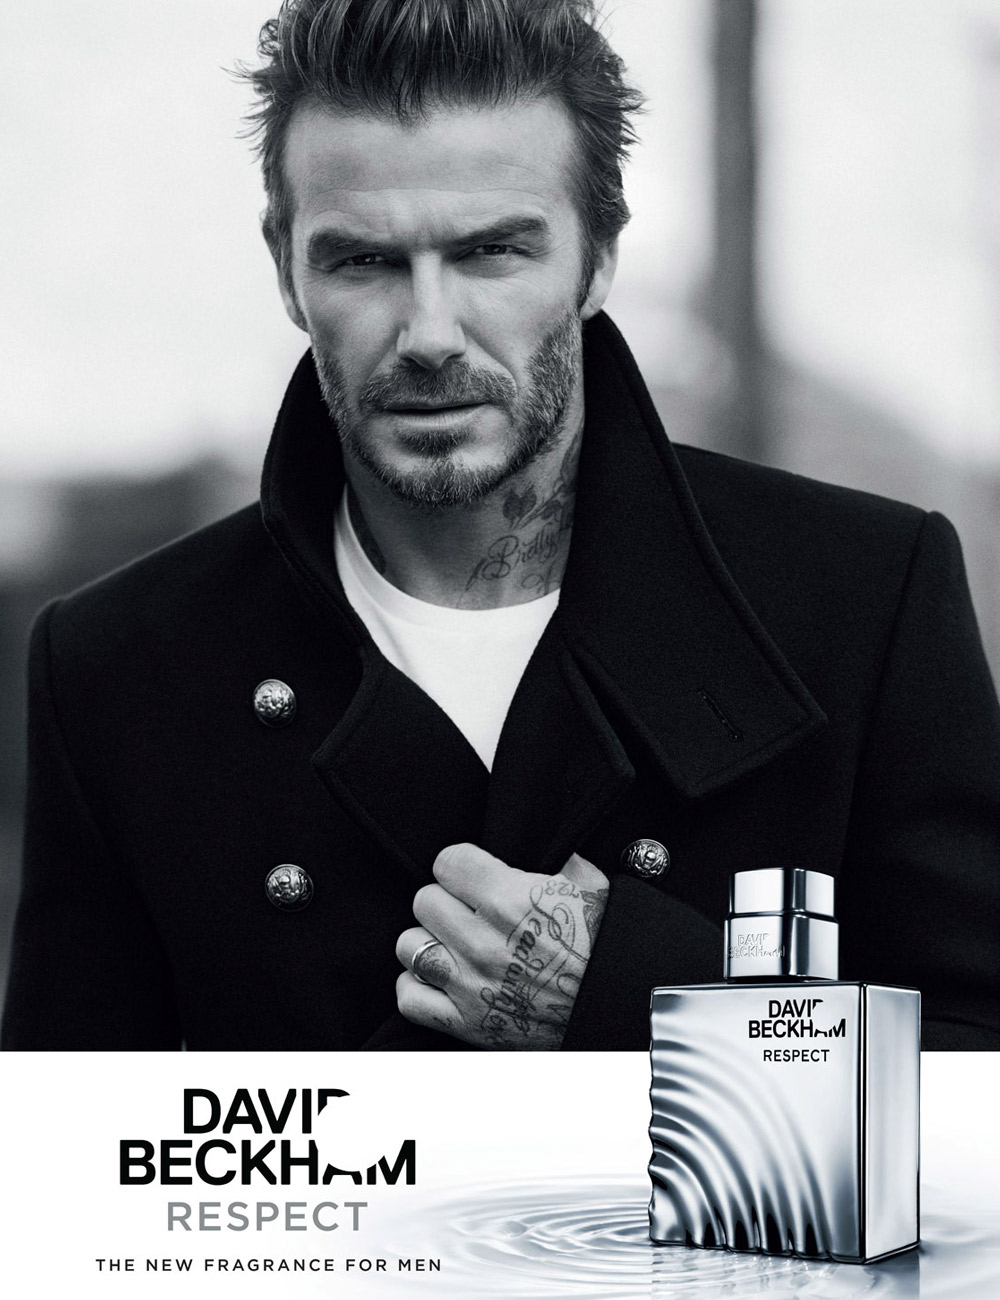 David Beckham er sej, og hans nye duftevand kræver respekt